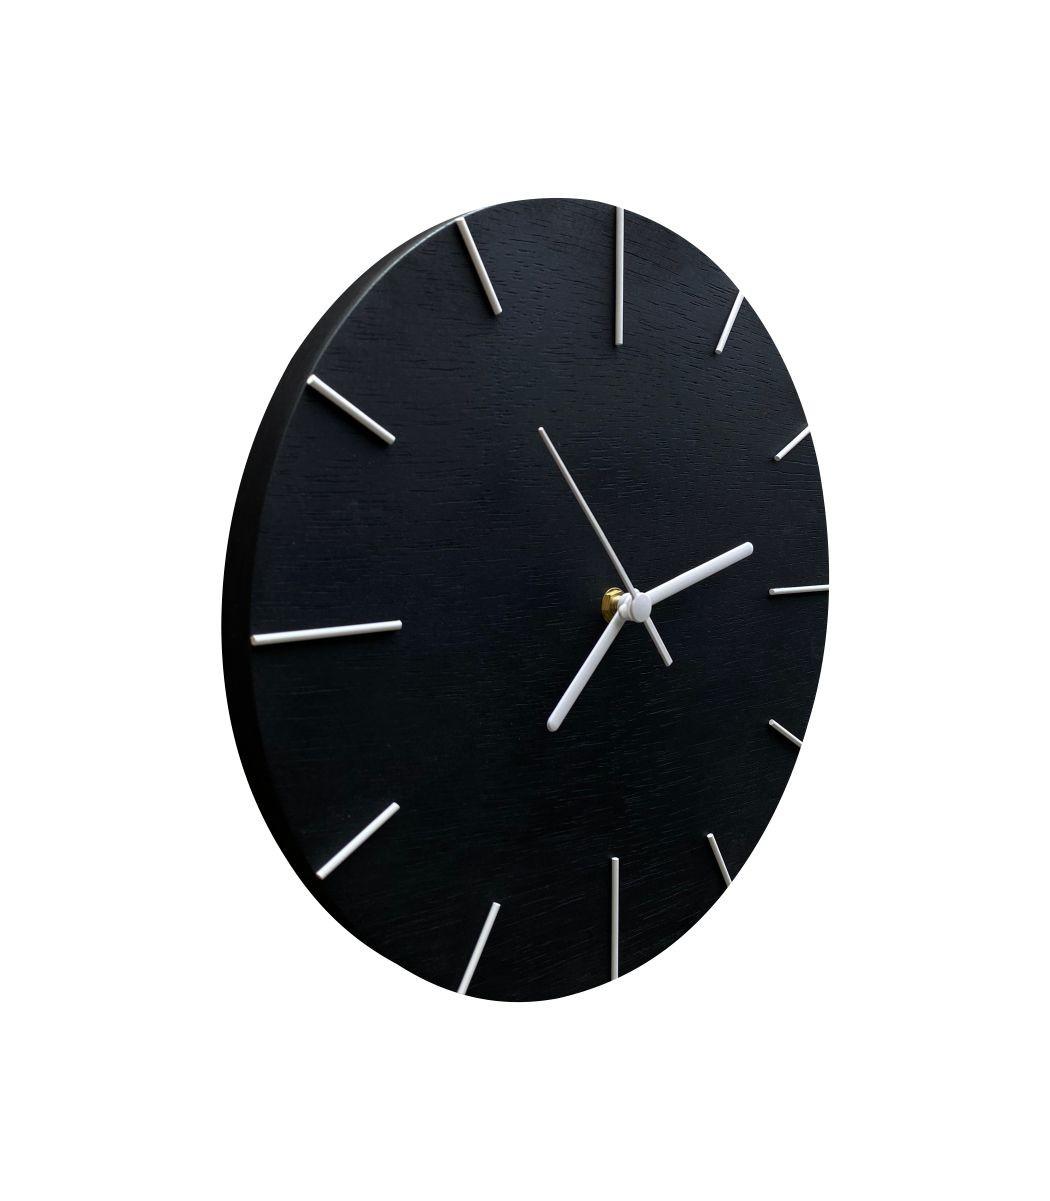 Relógio de Parede Preto com Ponteiros Branco 30cm